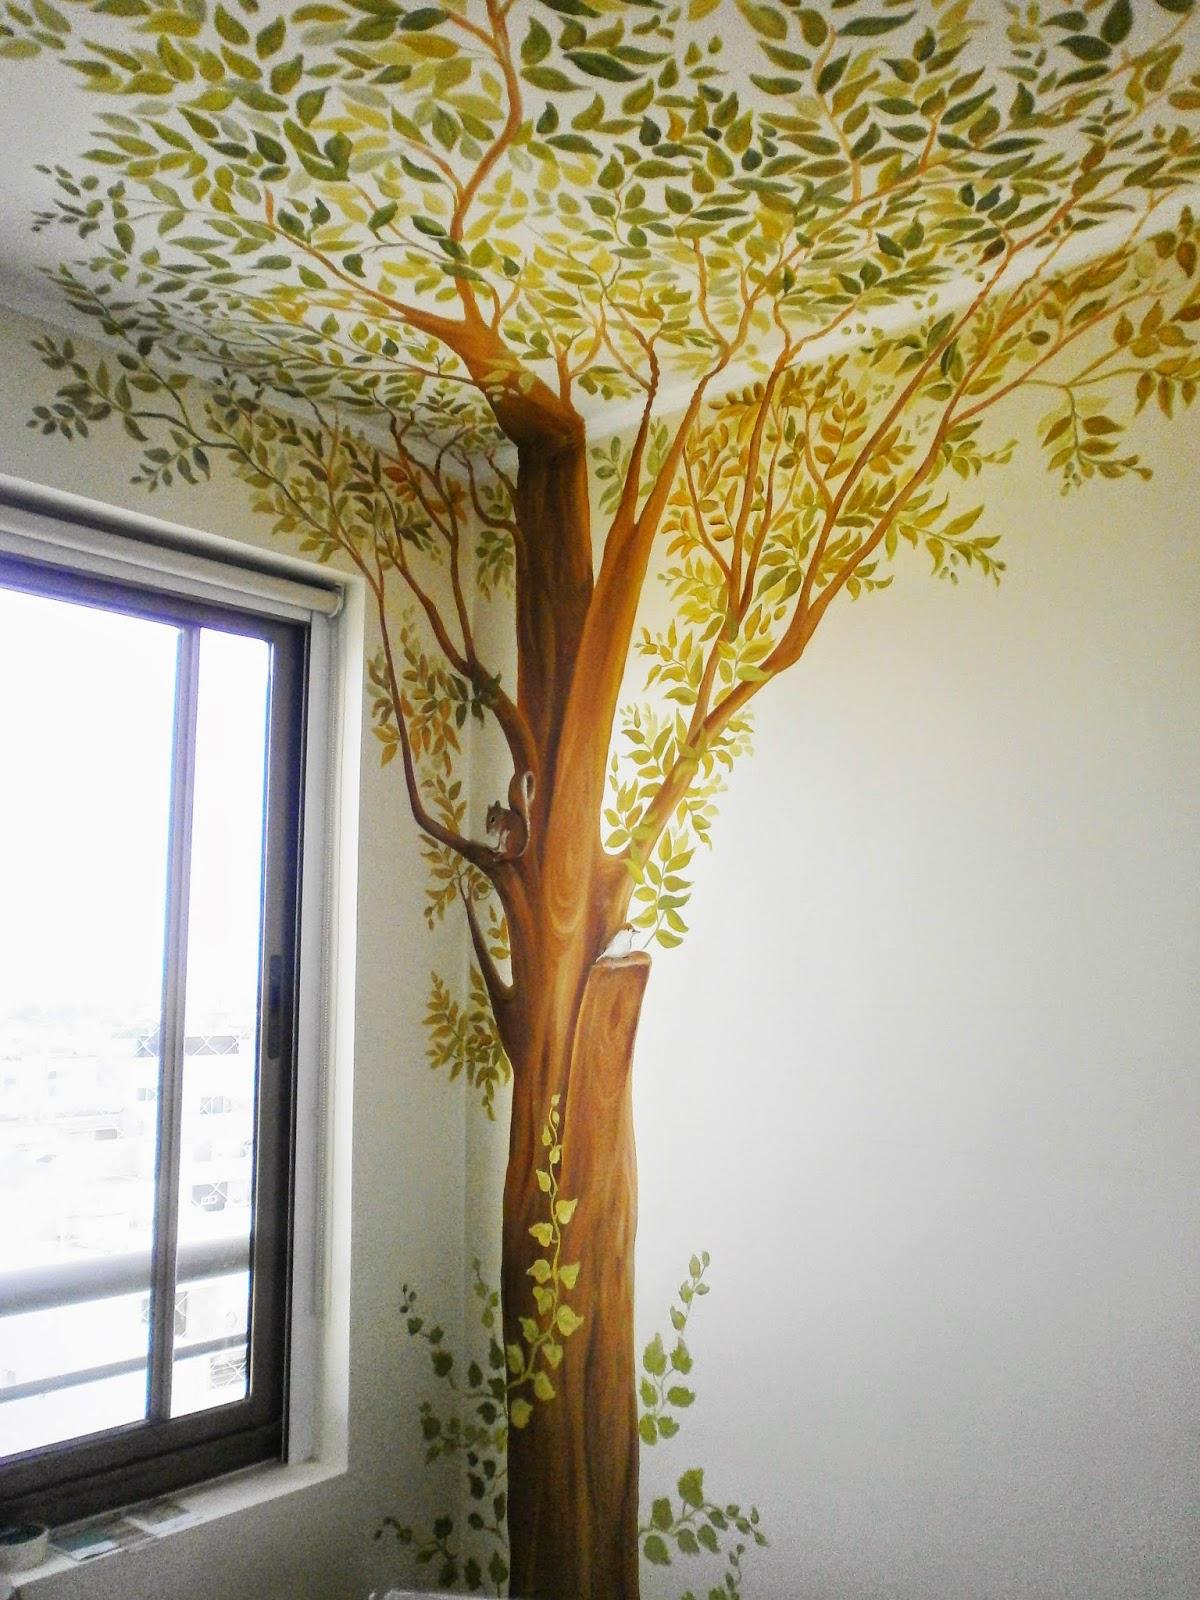 Cuadros artisticos pinturas decorativas y murales por raquel nievas - Murales pintados en la pared ...